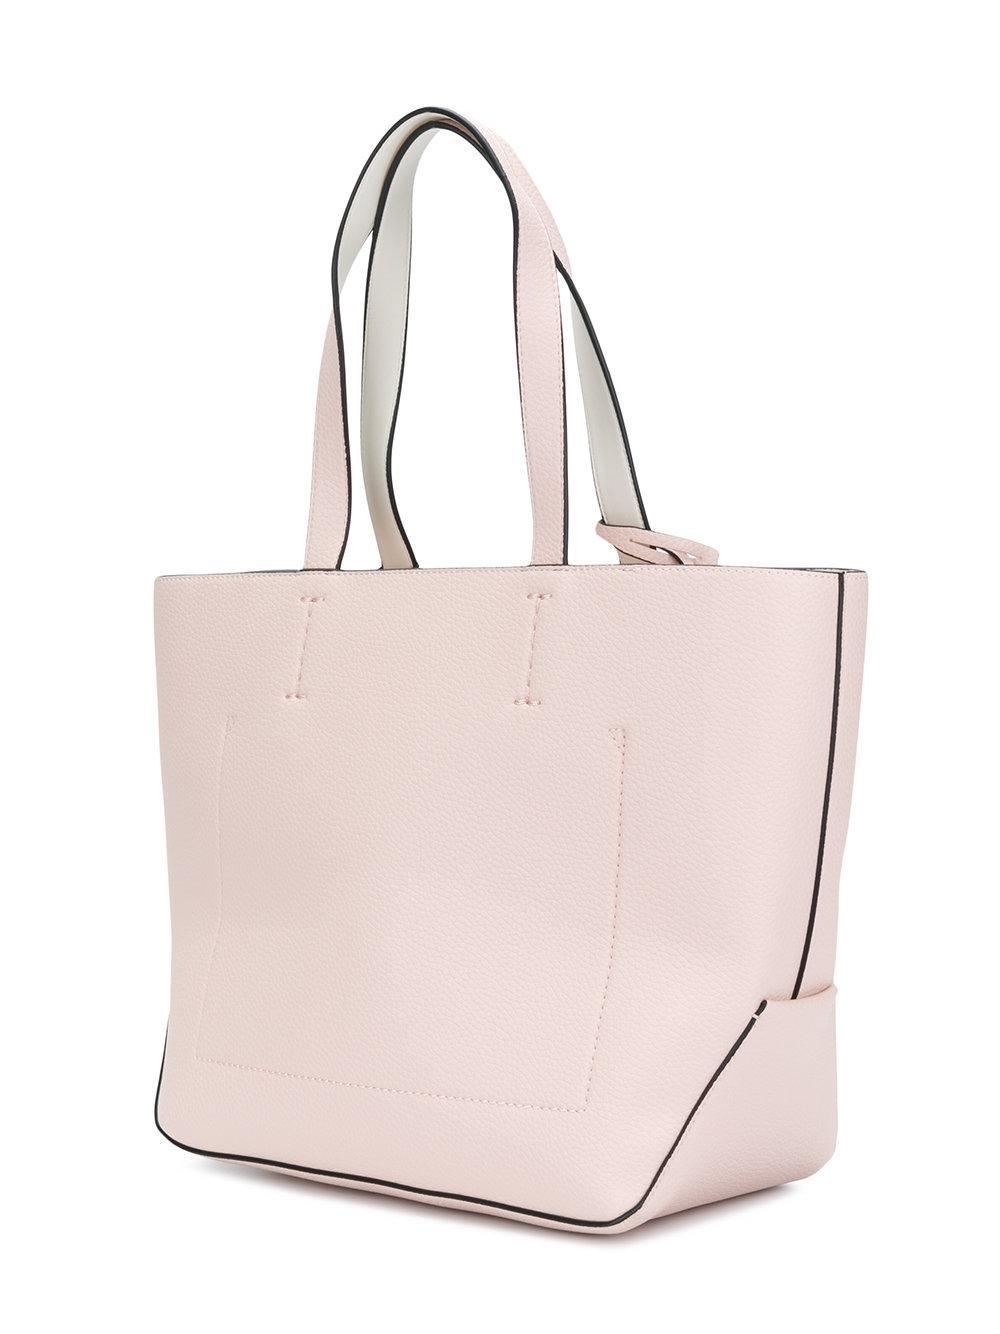 Sac Classique Lyst À Grand Main Klein Calvin En Rose Coloris 5R4j3AL